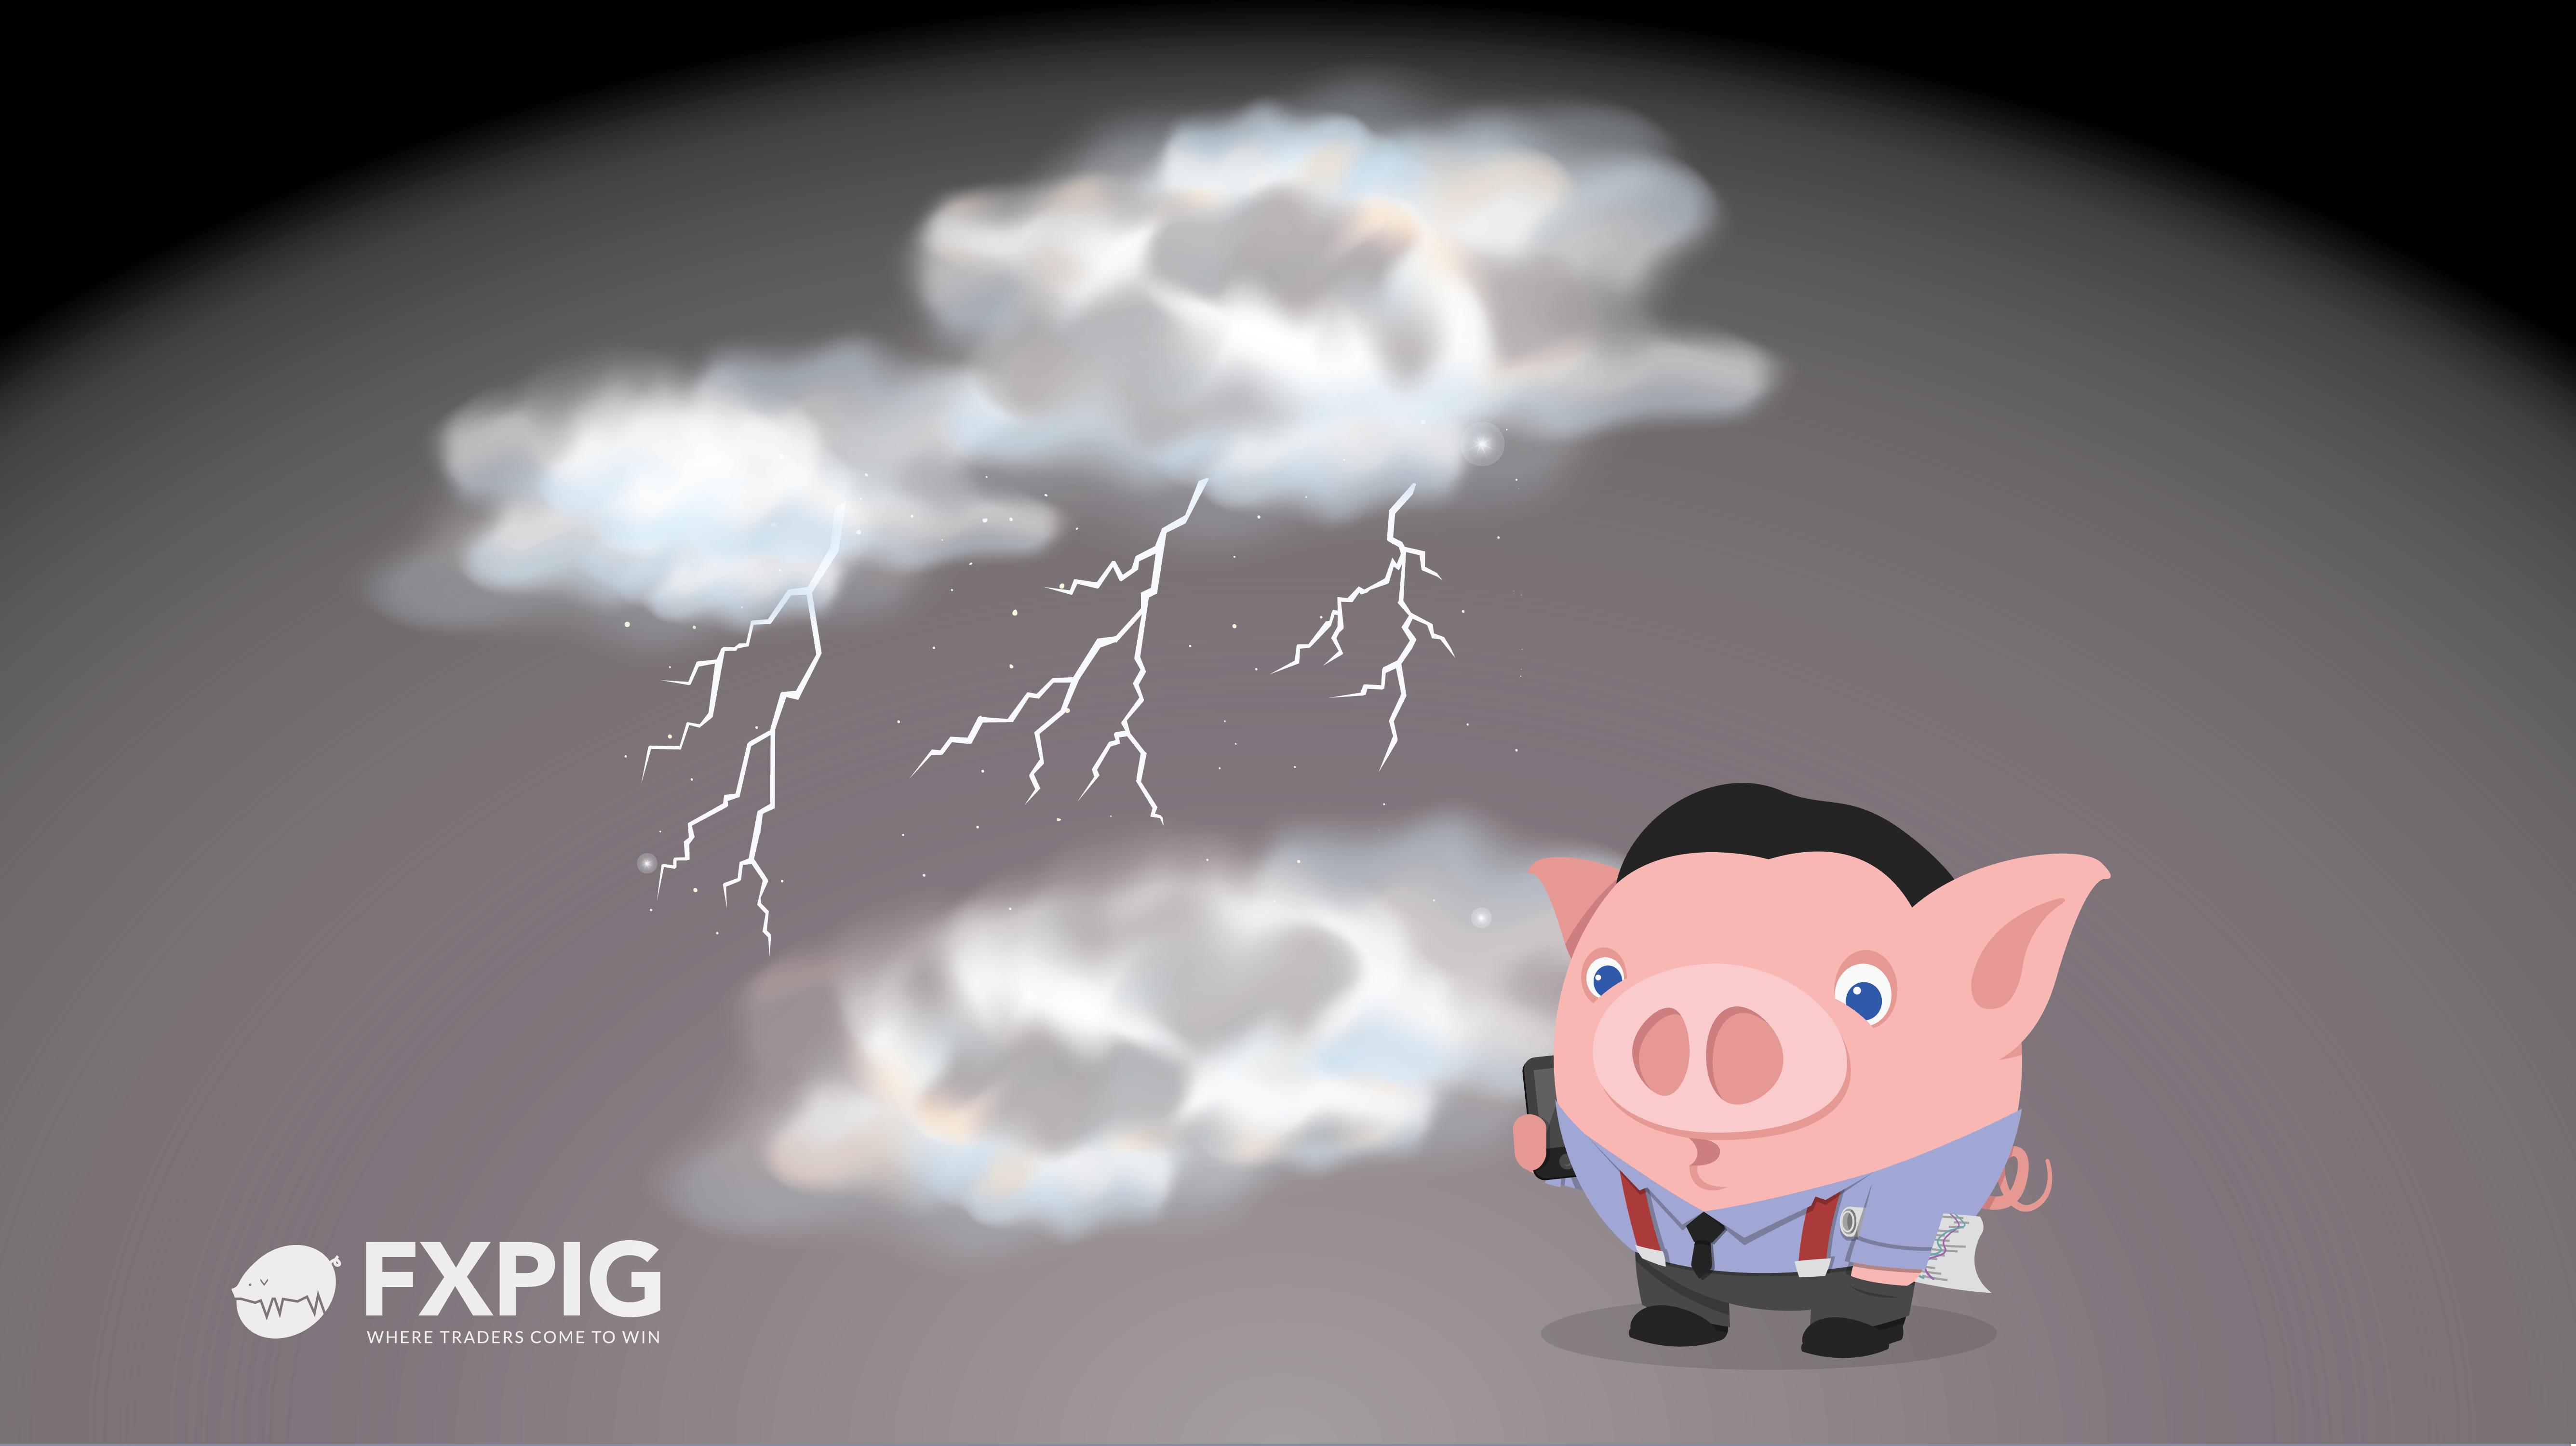 EUR_under-dark-clouds_Forex_FXPIG